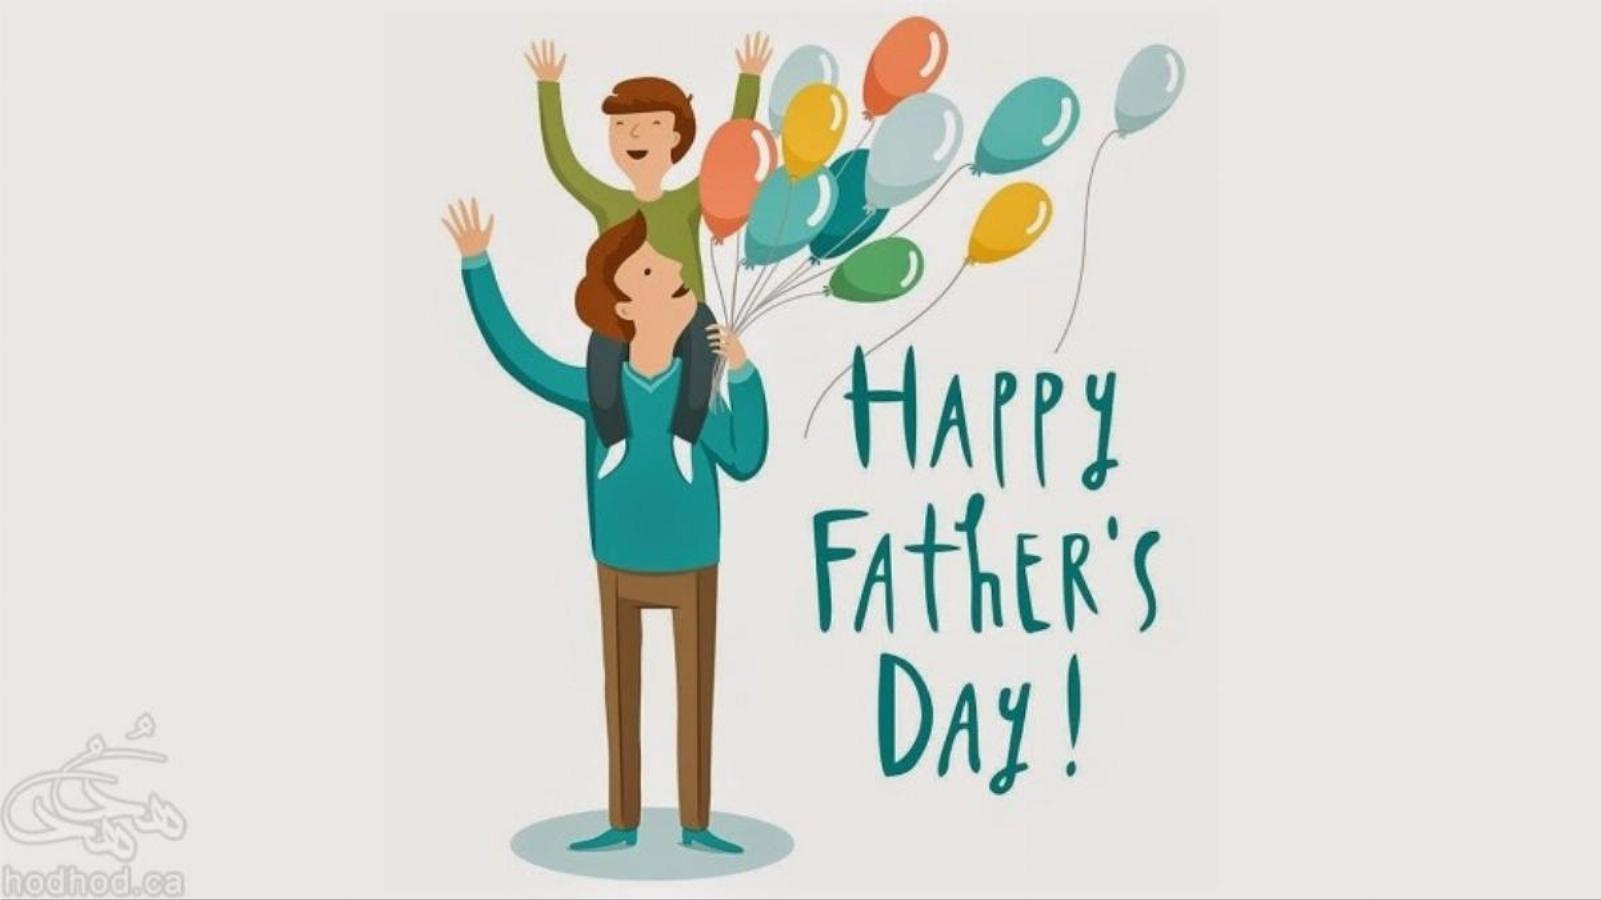 19 جون، روز ملی پدر در کانادا